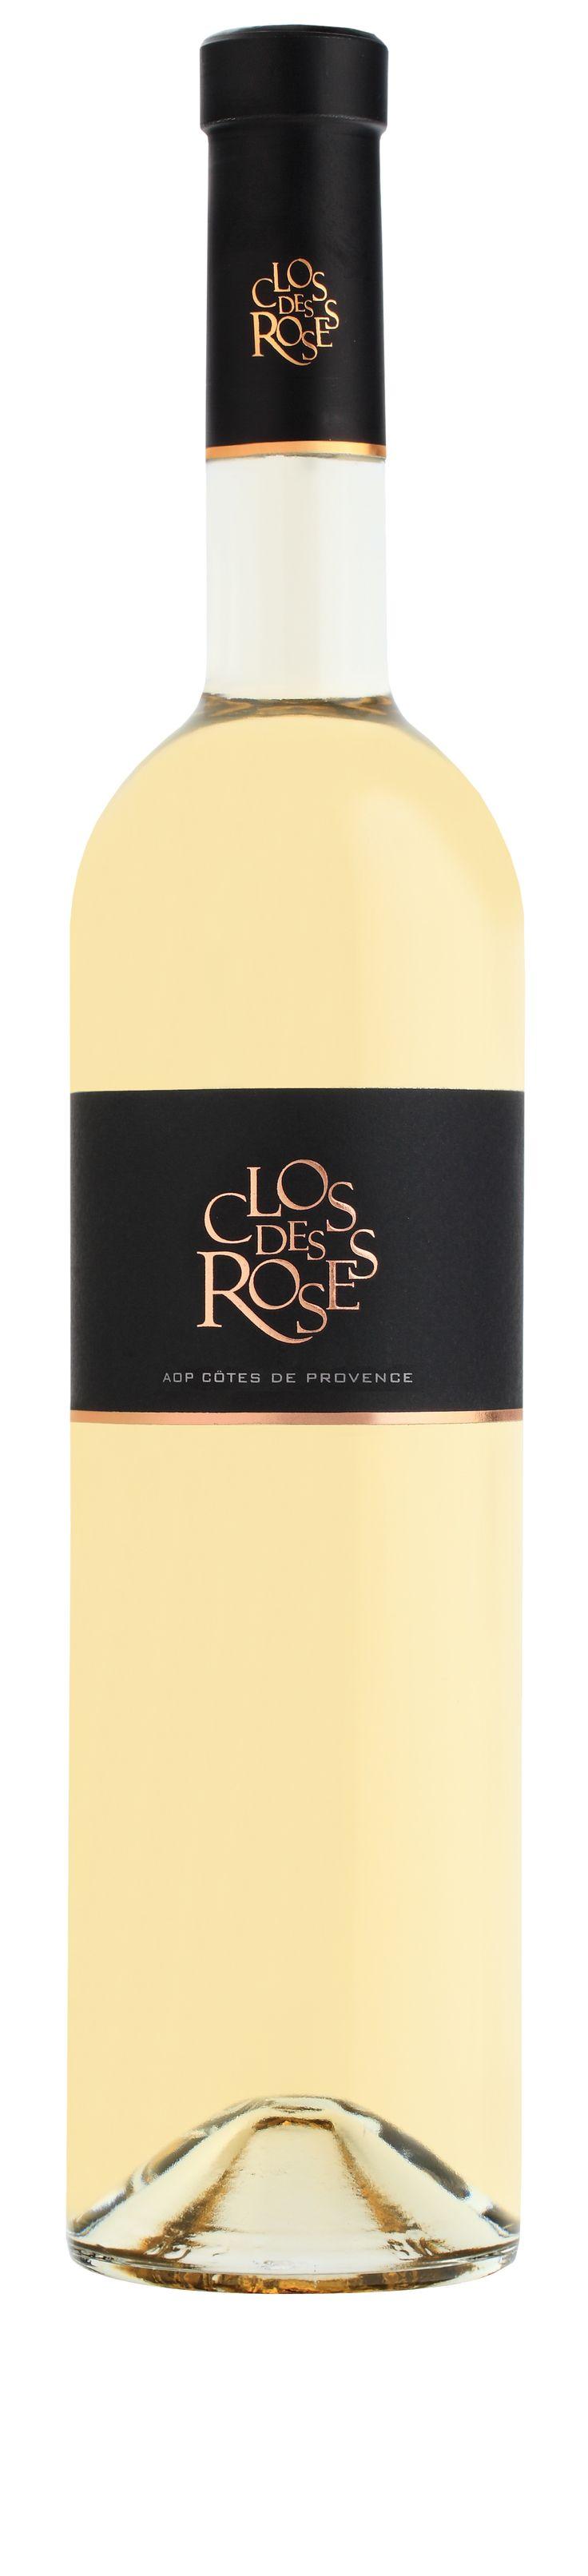 Clos des Roses Blanc - AOC Côtes de Provence 2013 #closdesroses